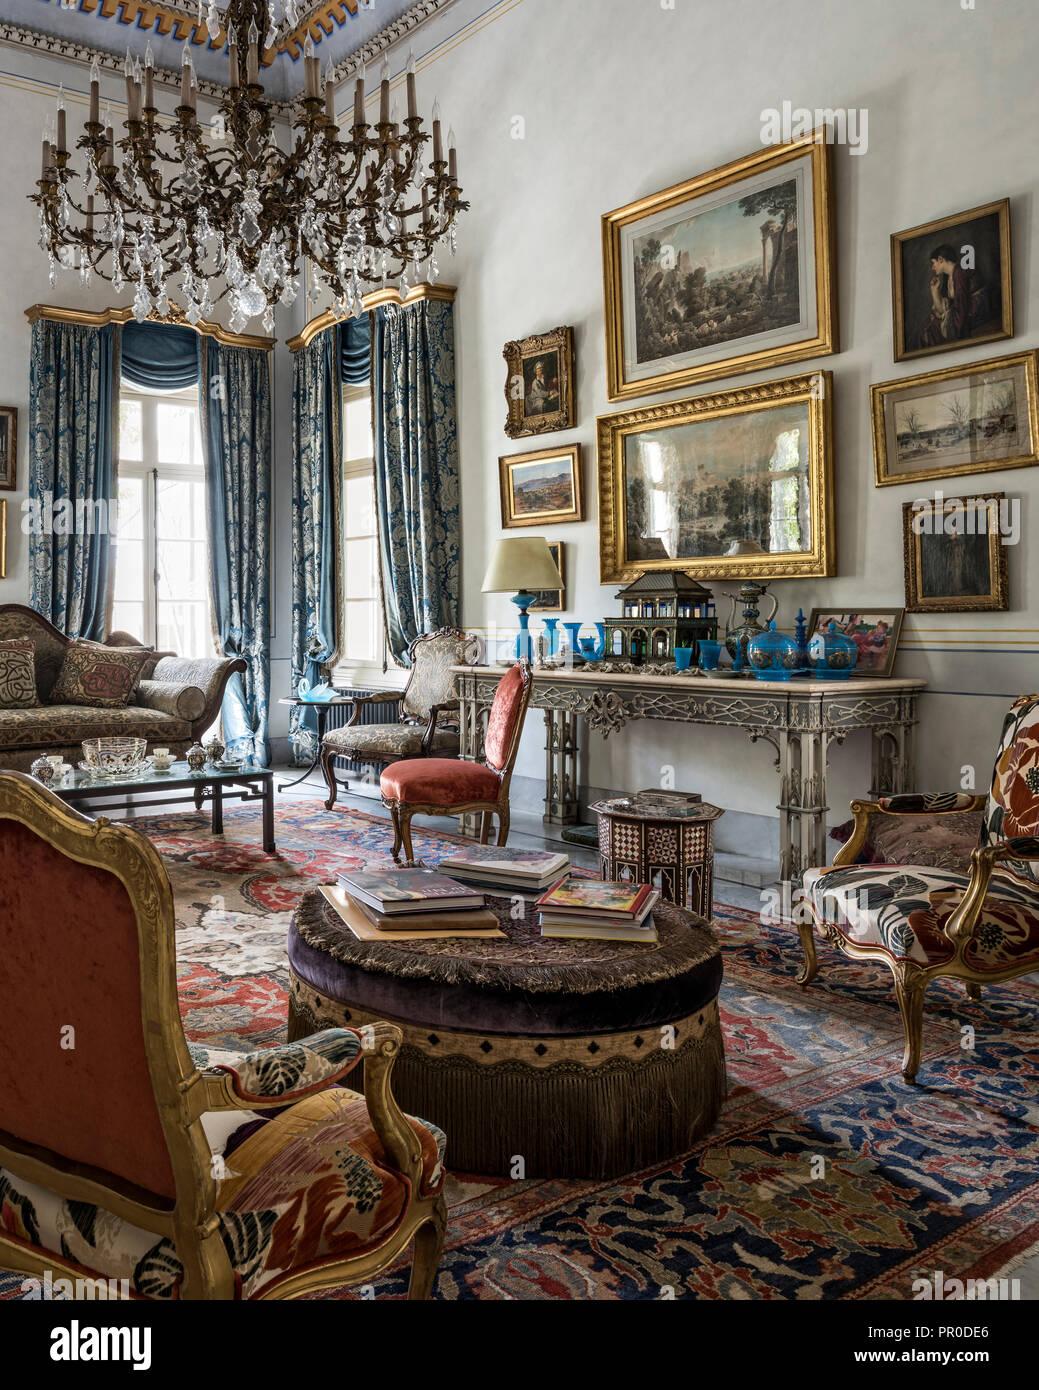 1900s design Zeigler rug, Francese di seta tendaggi damascati e mobili antichi con cornice dorata di opere d'arte Immagini Stock